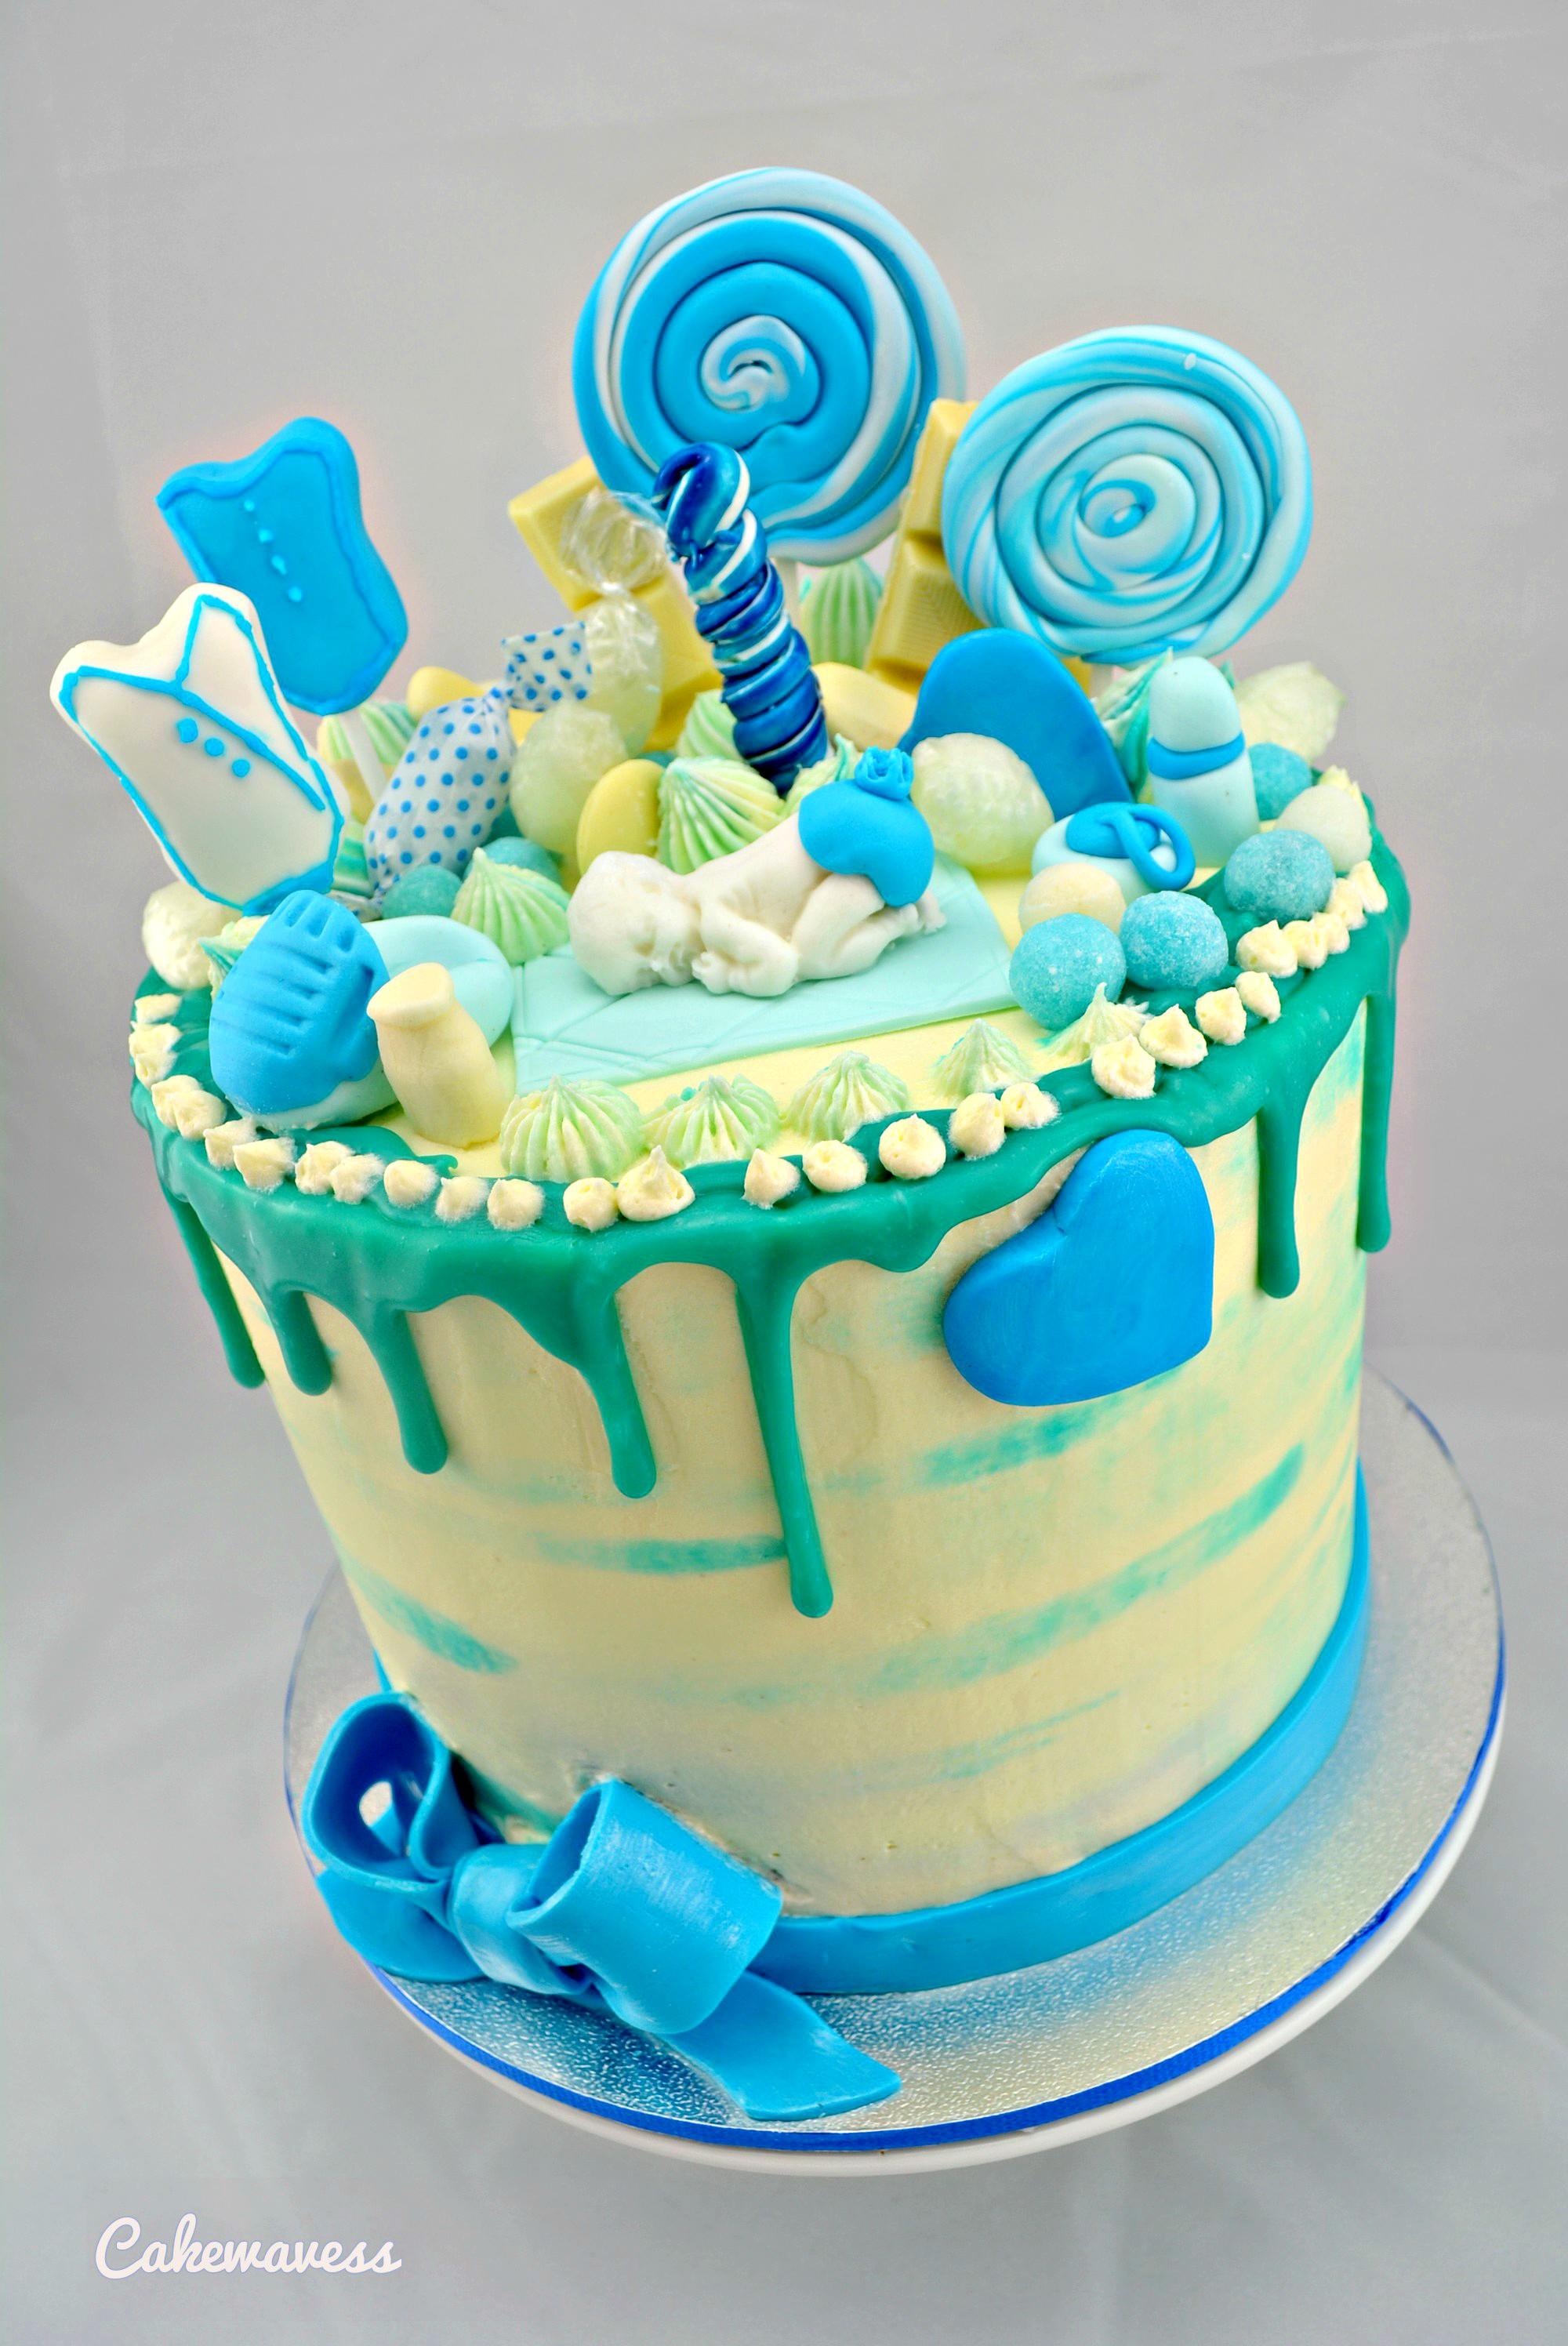 BabyShowerCake_cakewaves